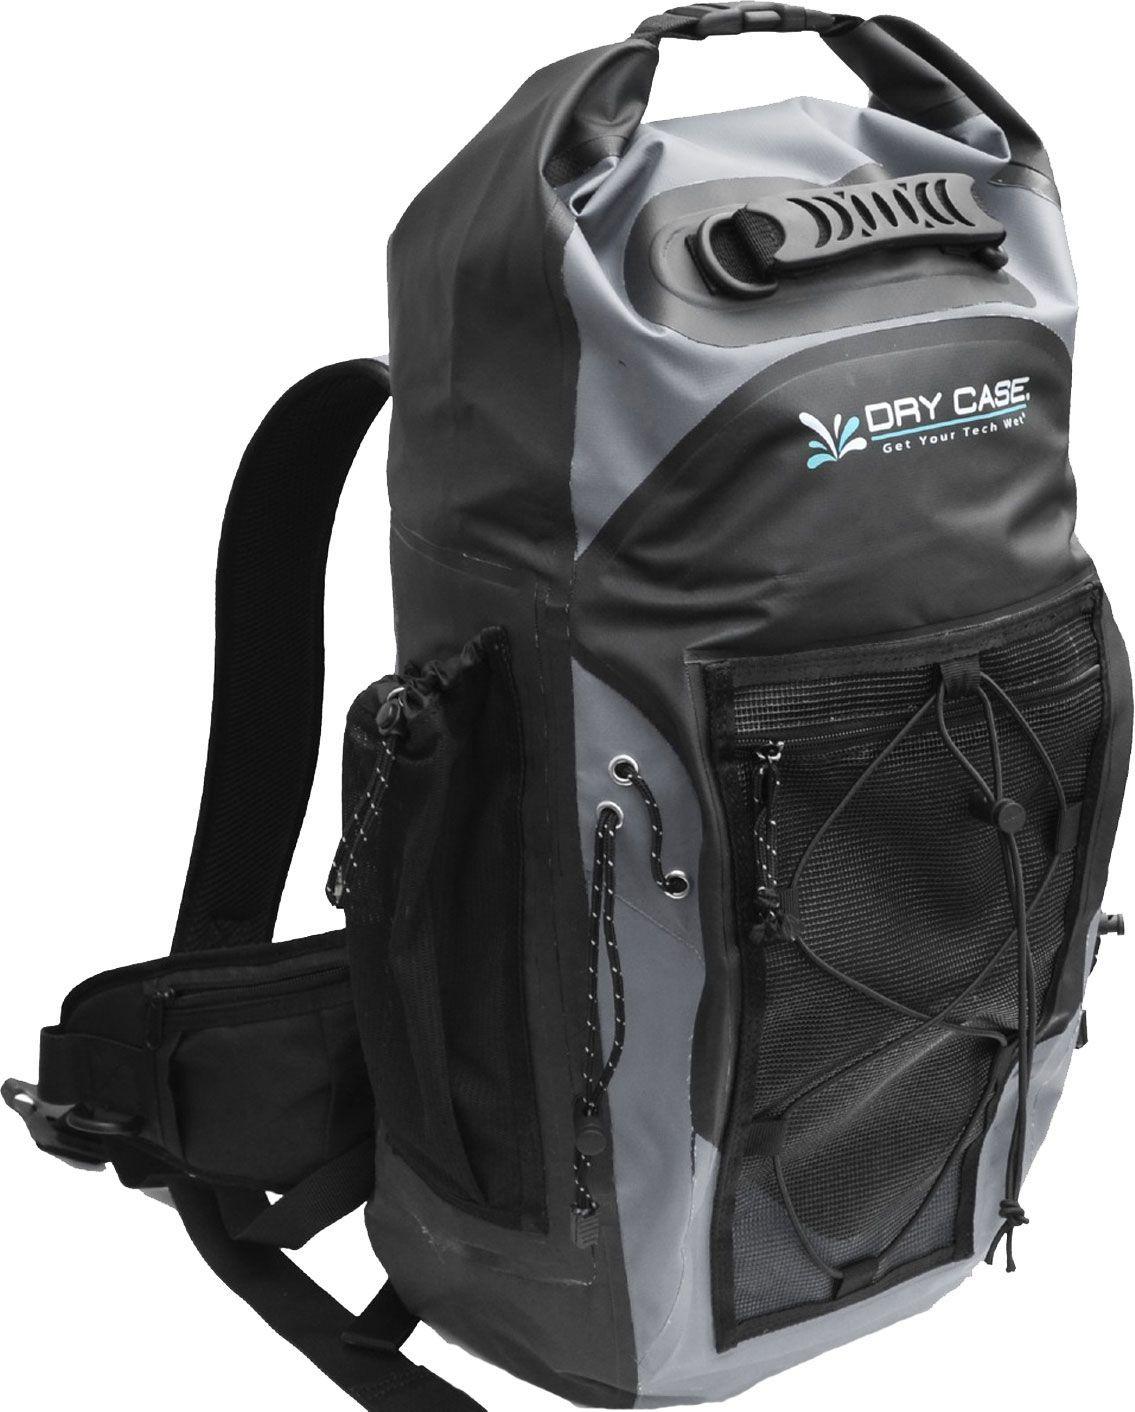 DryCASE Masonboro Adventure 35L Waterproof Backpack, Blue